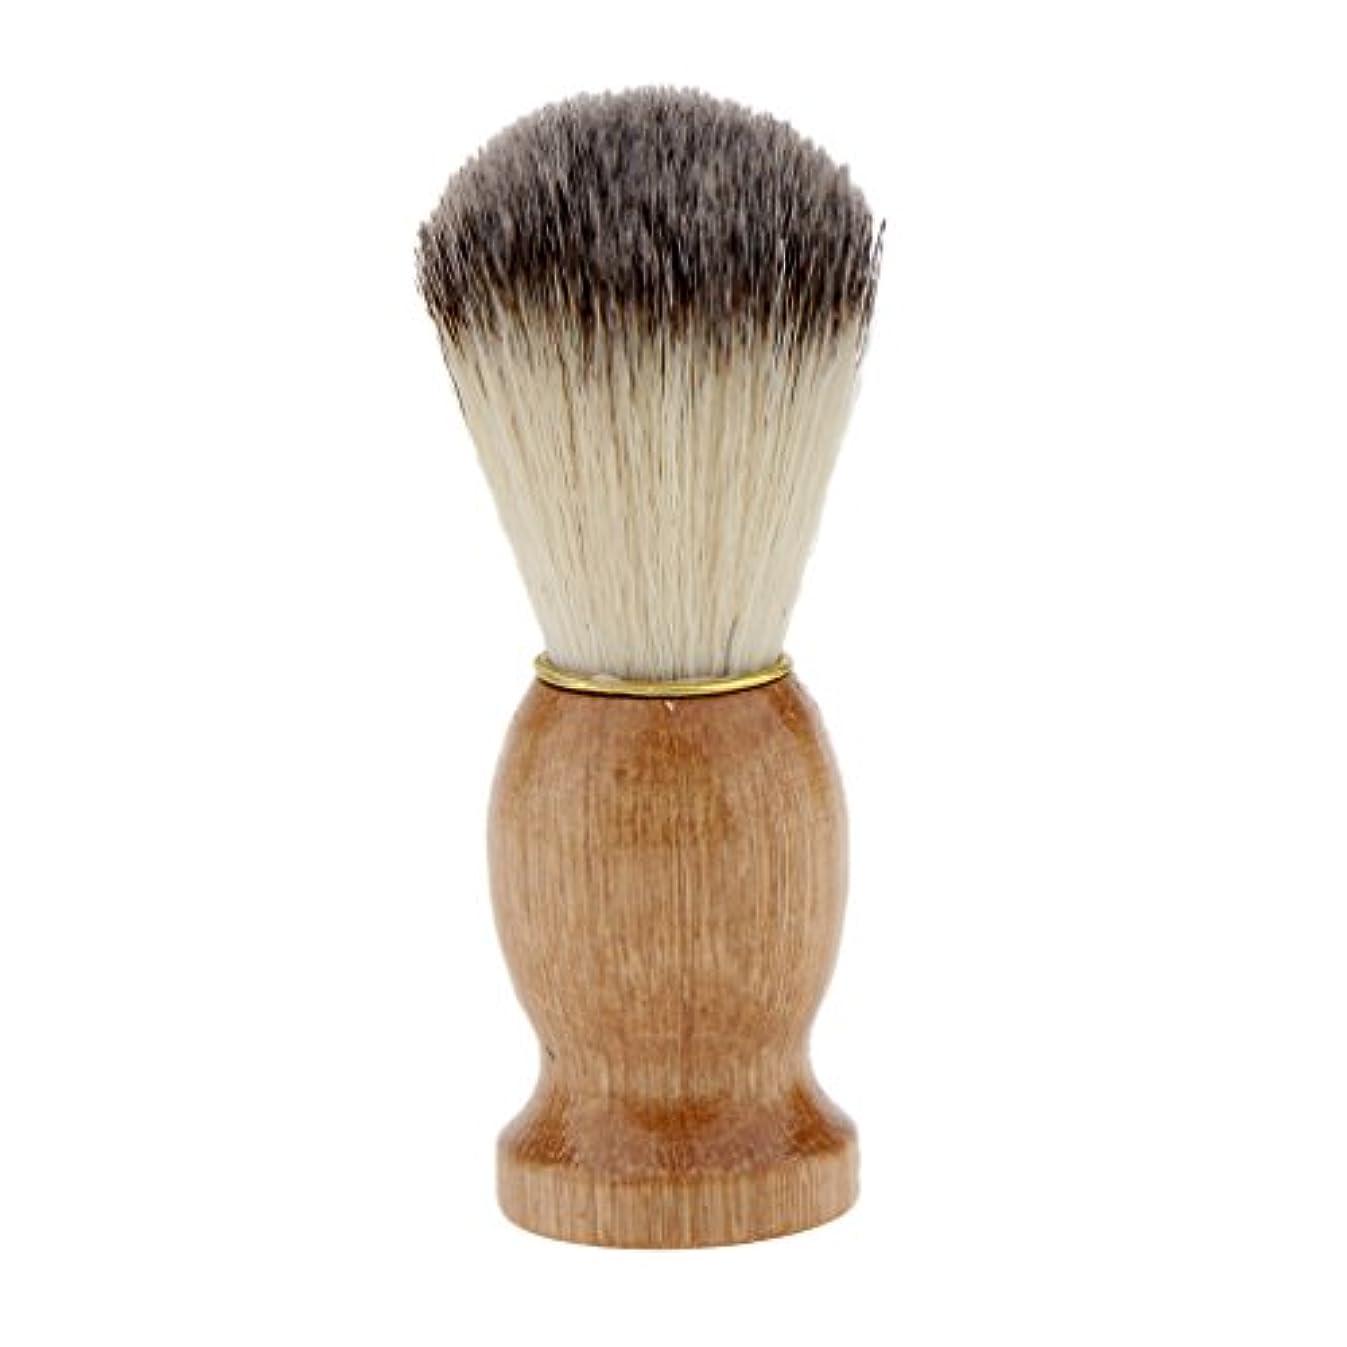 本当のことを言うと湿度踊り子CUTICATE シェービングブラシ 理容師 シェービングブラシ ひげ剃りブラシ コスメブラシ 木製ハンドル